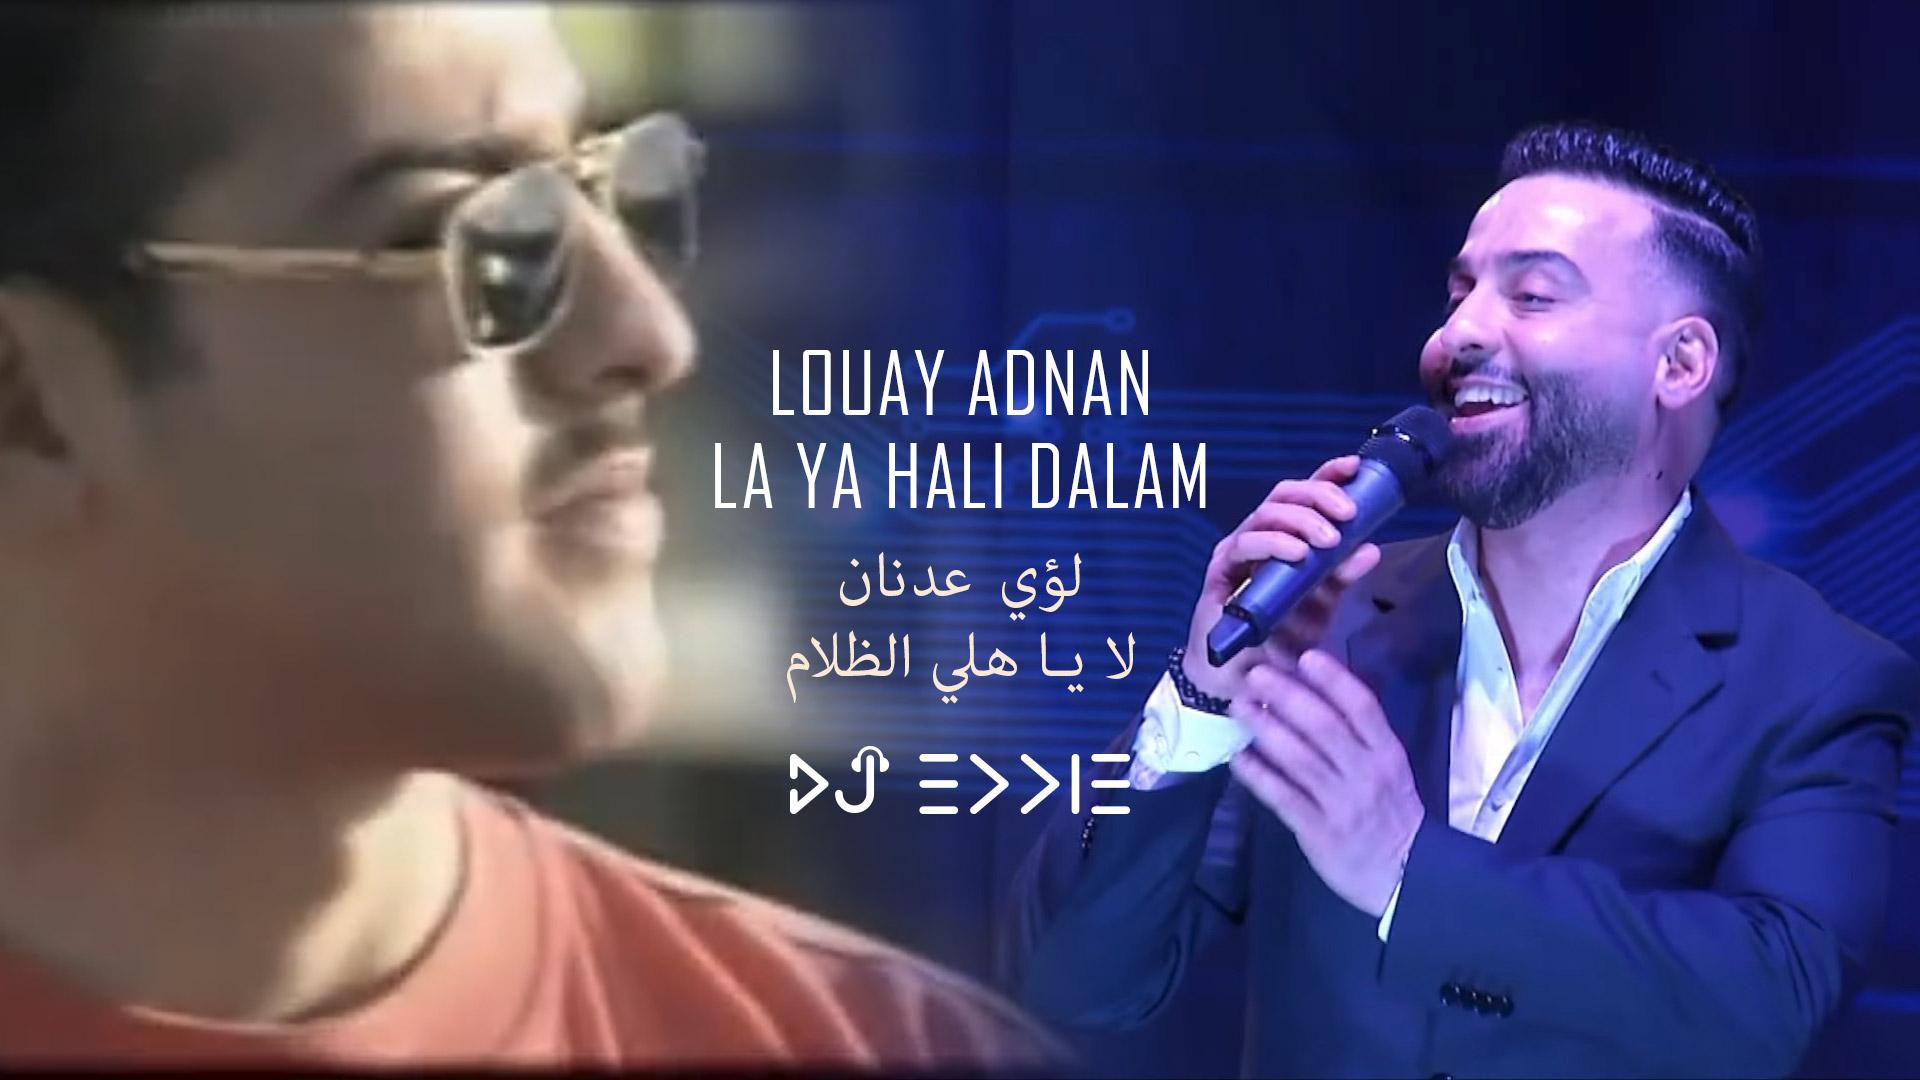 لؤي عدنان - لا يا هلي الظلام Louay Adnan - La Ya Hali Dalam